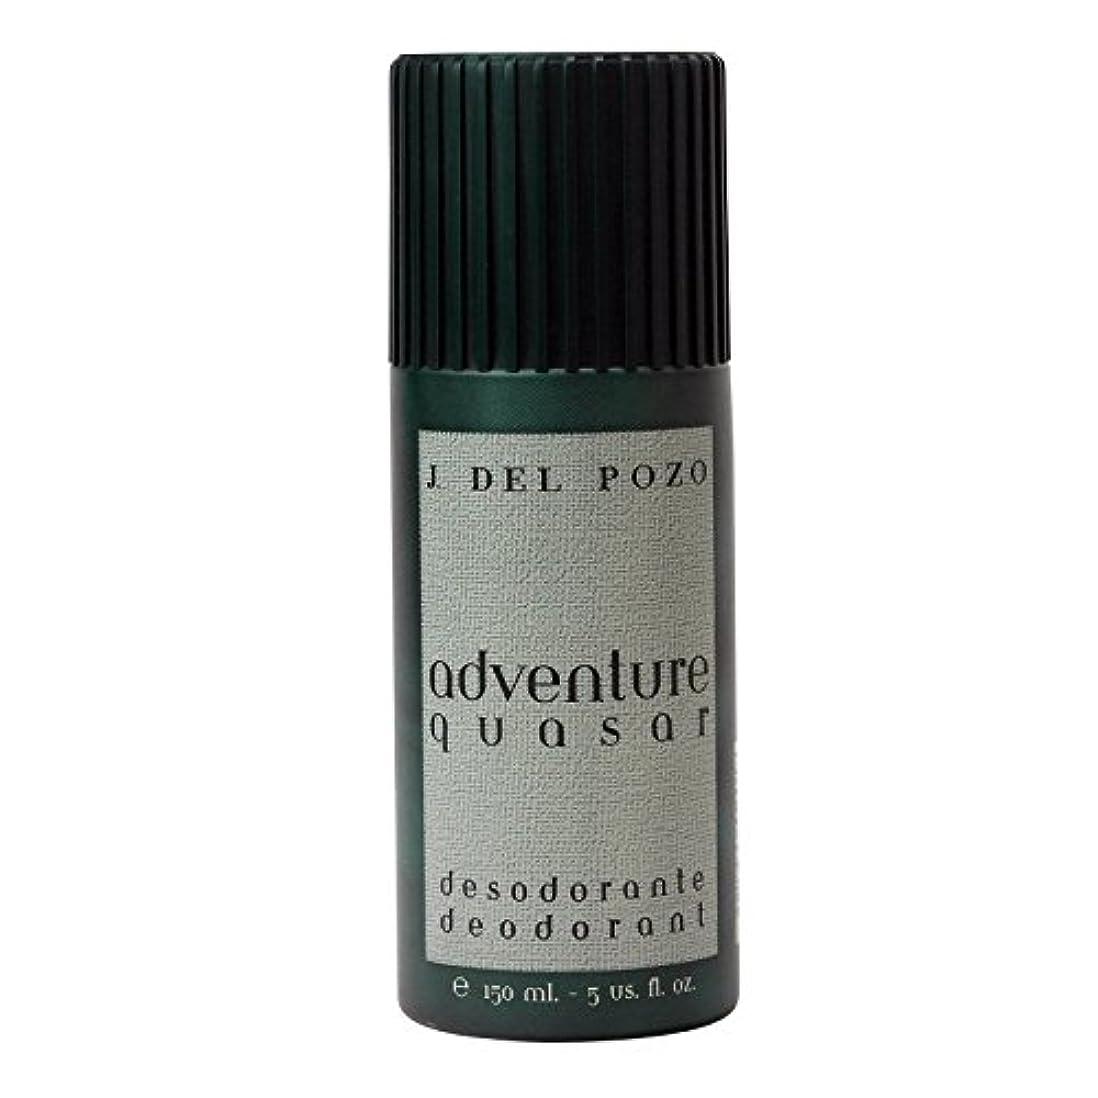 けがをするタイムリーな学校の先生Adventure Quasar (アドベンチャー クエイサー) 5.0 oz (150ml) Deodorant Spray by J. Del Pozo for Men